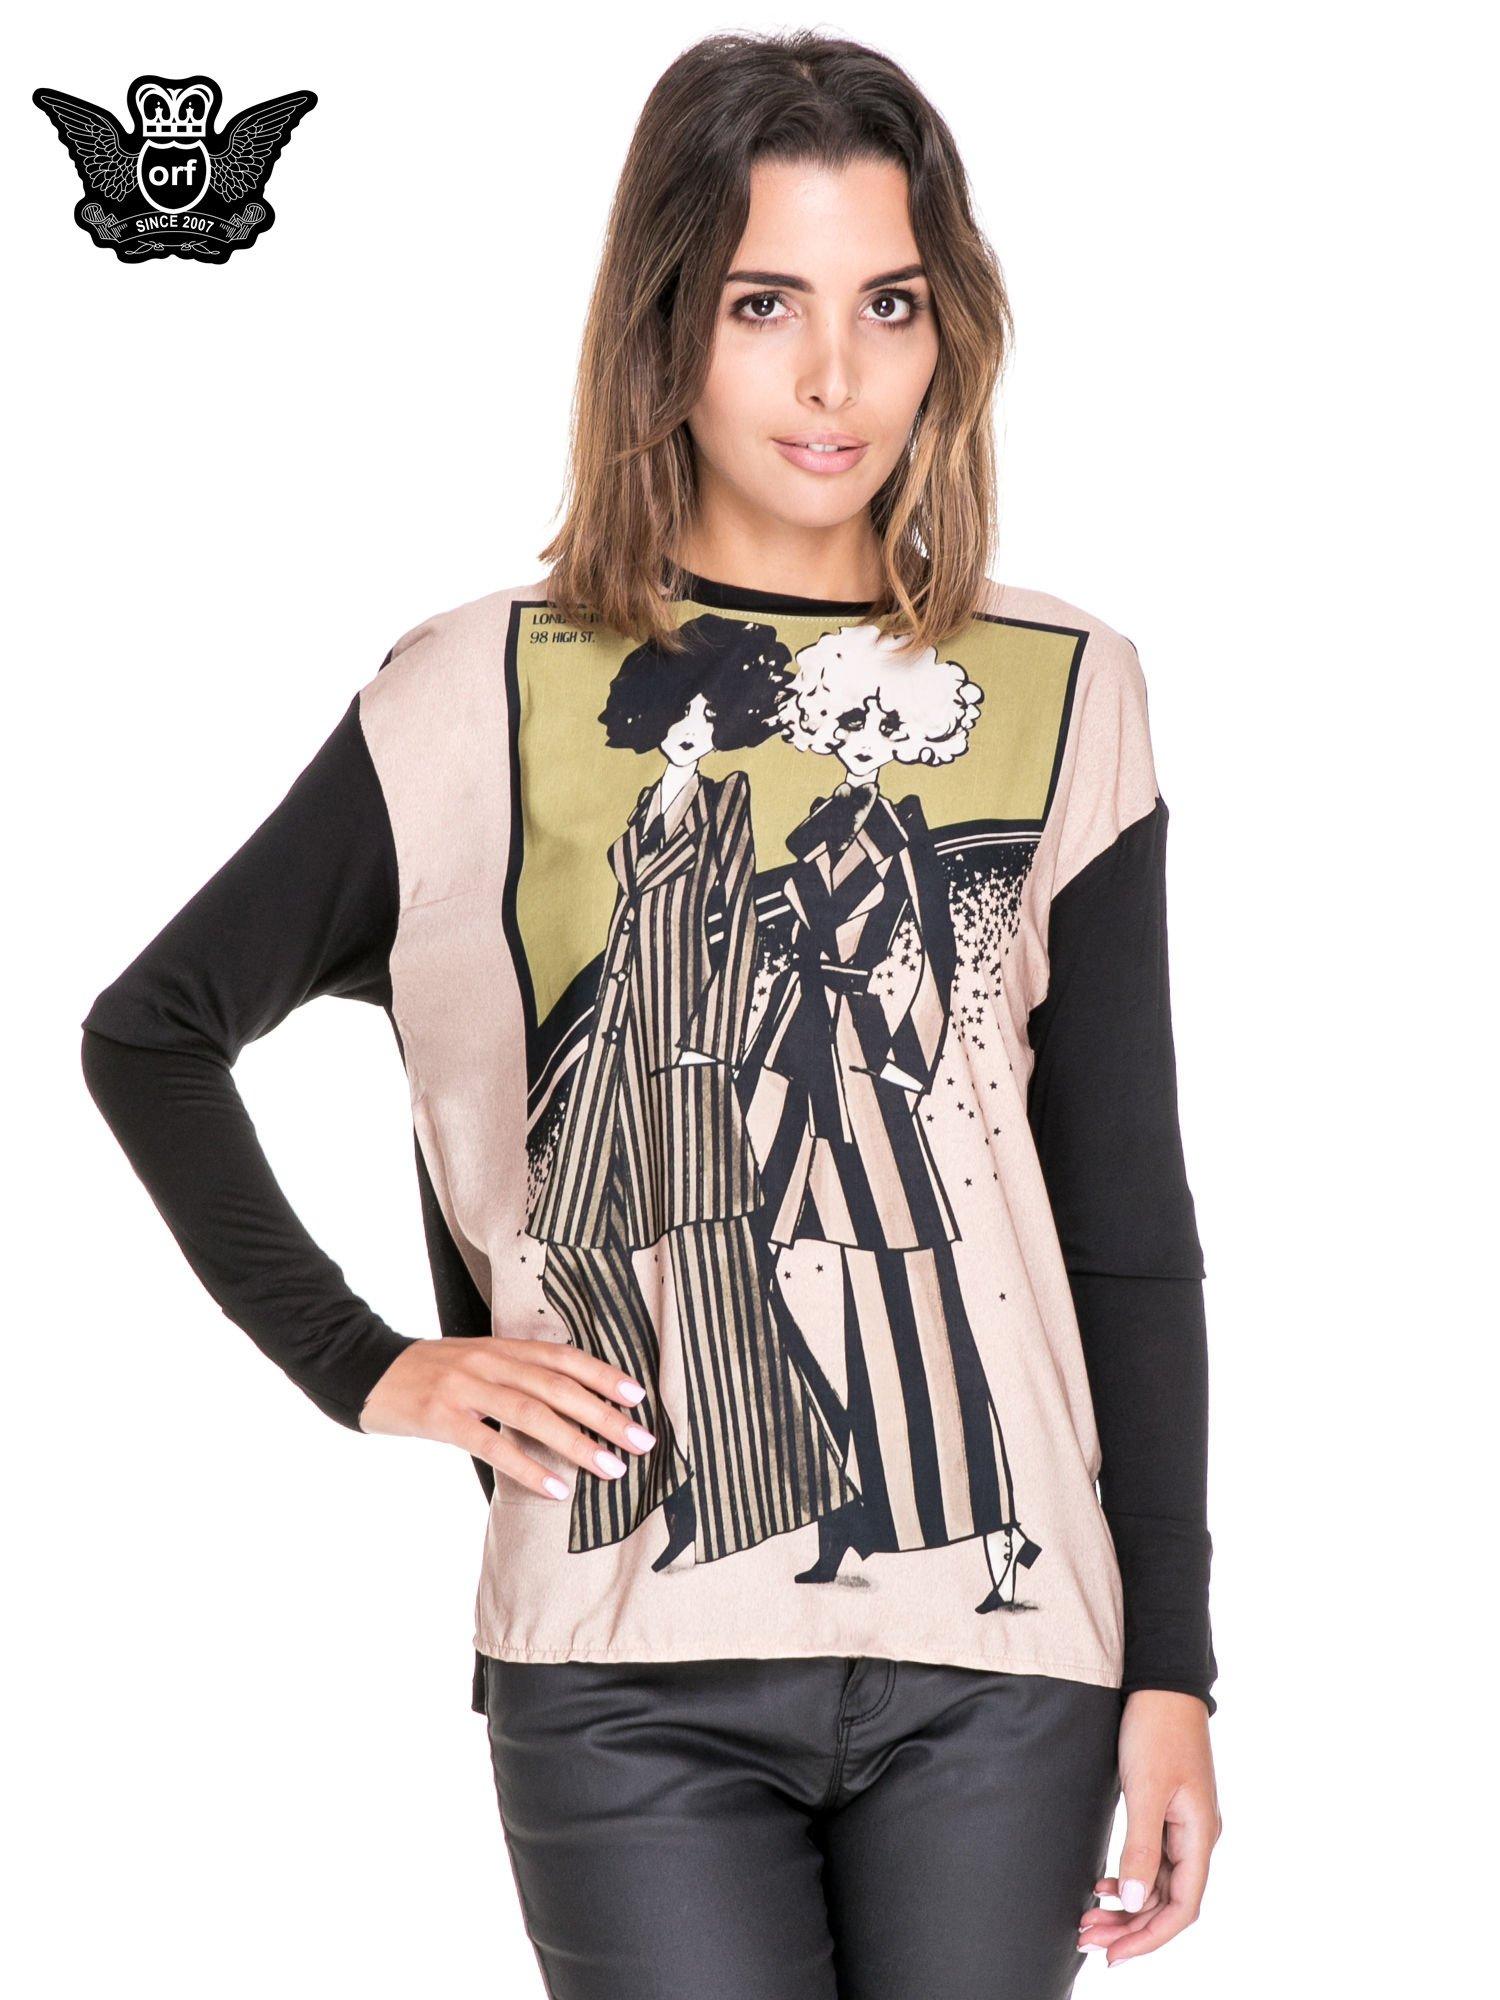 Koszula z satynowym przodem i nadrukiem kobiet                                  zdj.                                  1